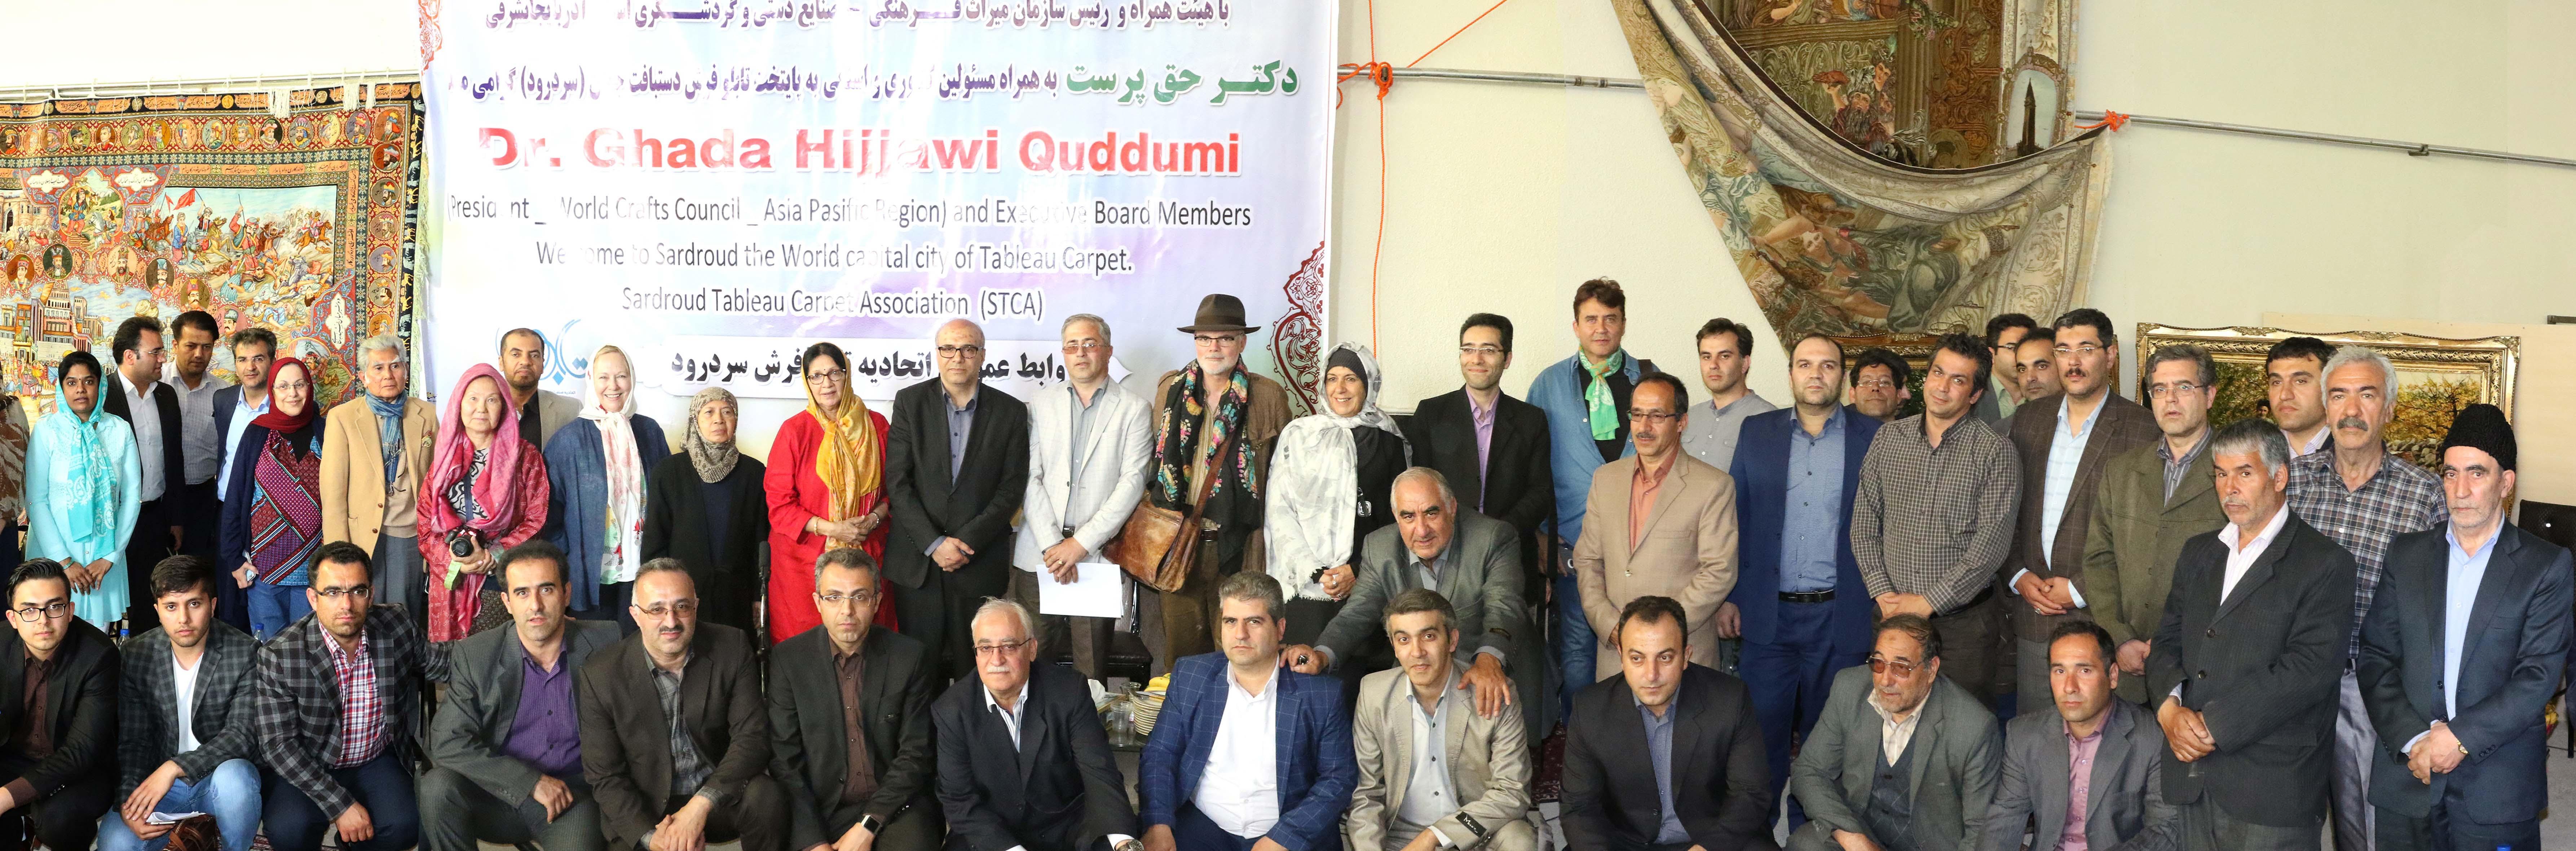 بازدید هیئت رئیسه منطقهای شورای جهانی صنایع دستی از کارگاههای تابلوفرش سردرود